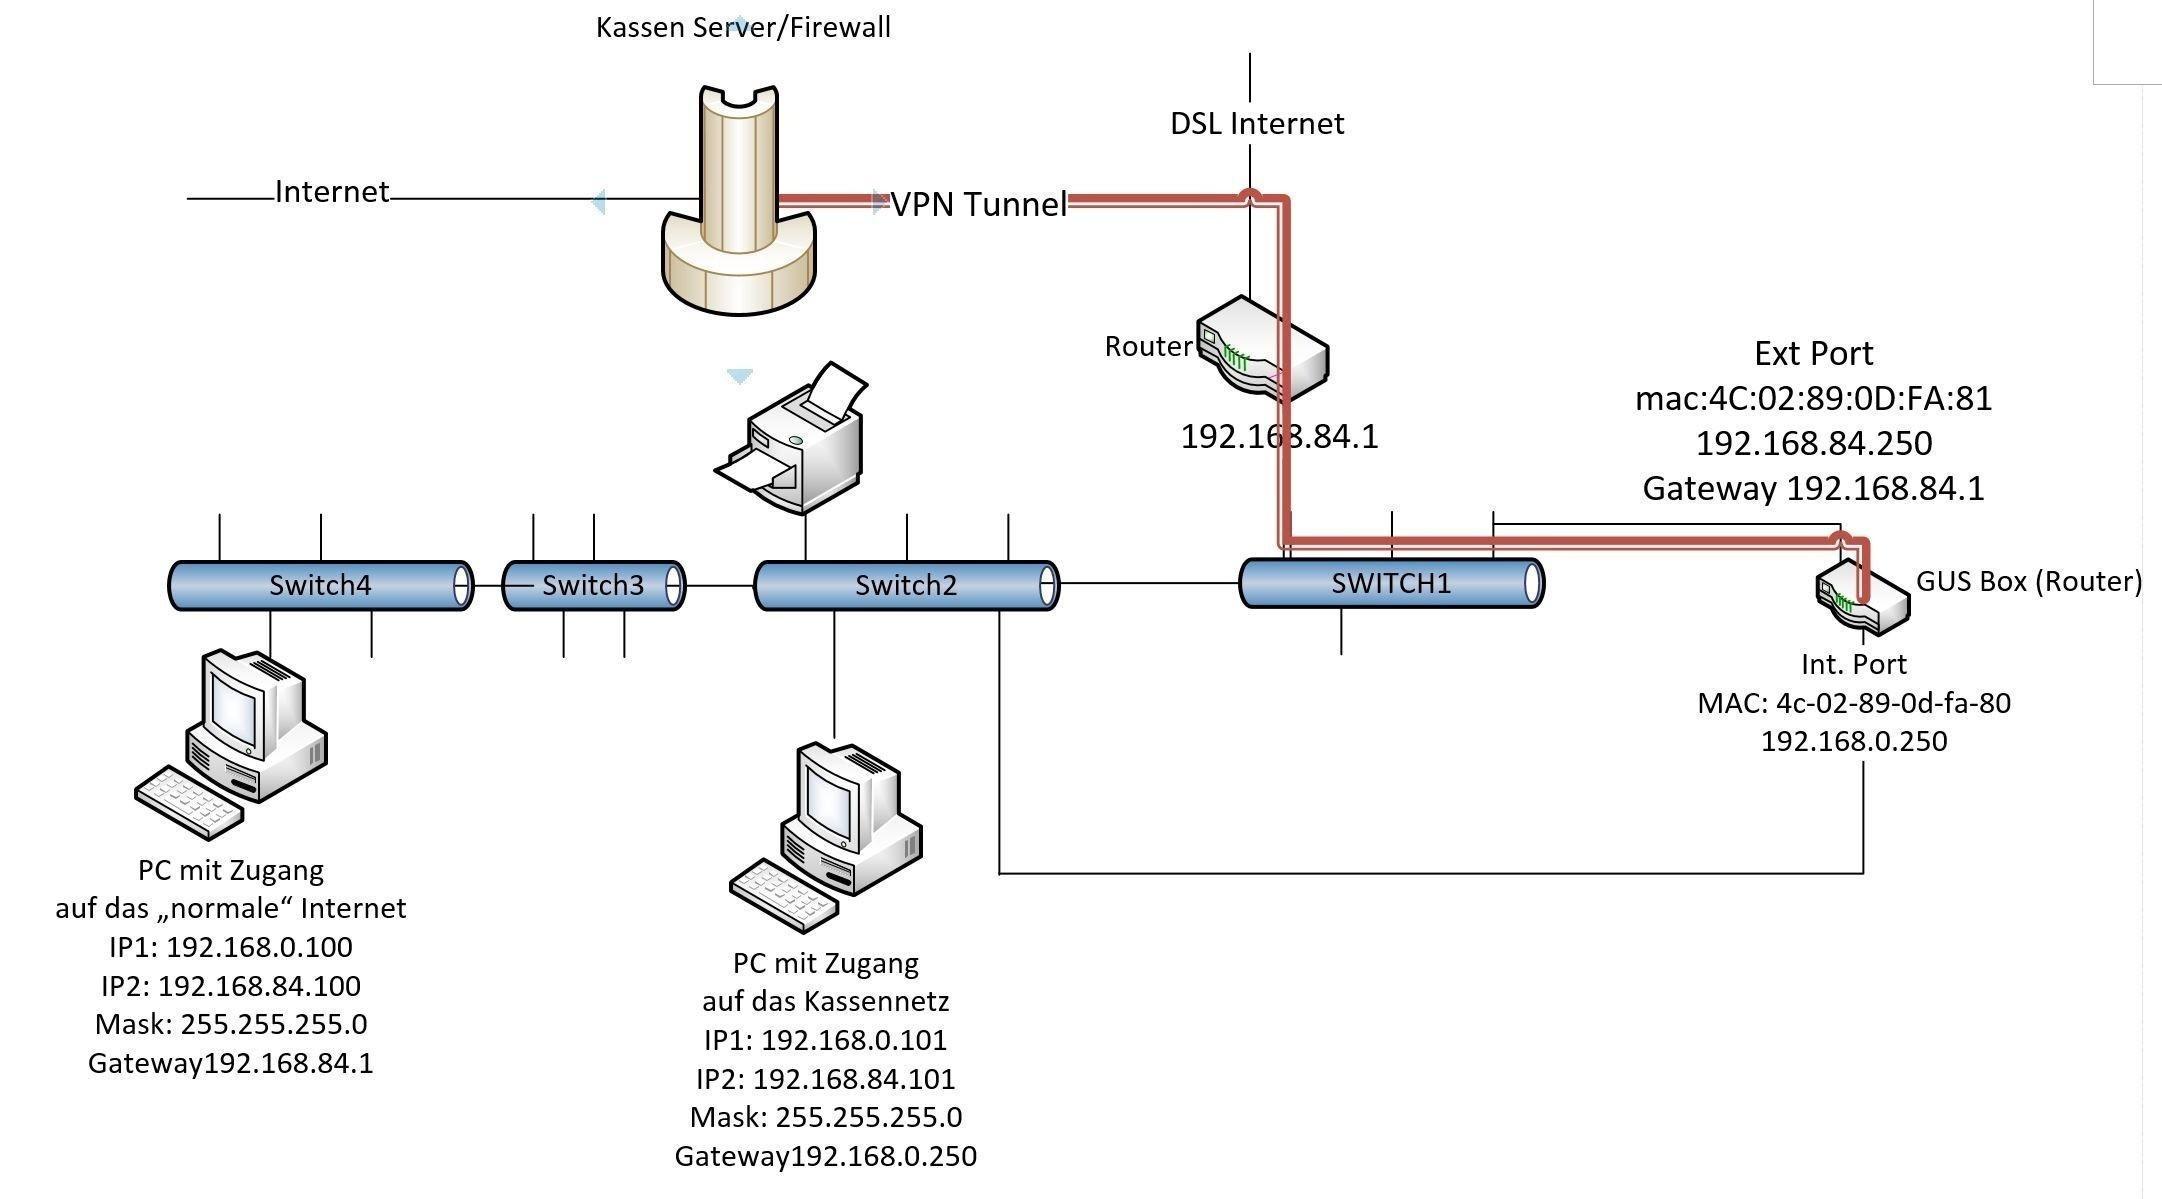 Stop Light Diagram C11 Pc Wiring Diagram Wiring Diagram Home Of Stop Light Diagram